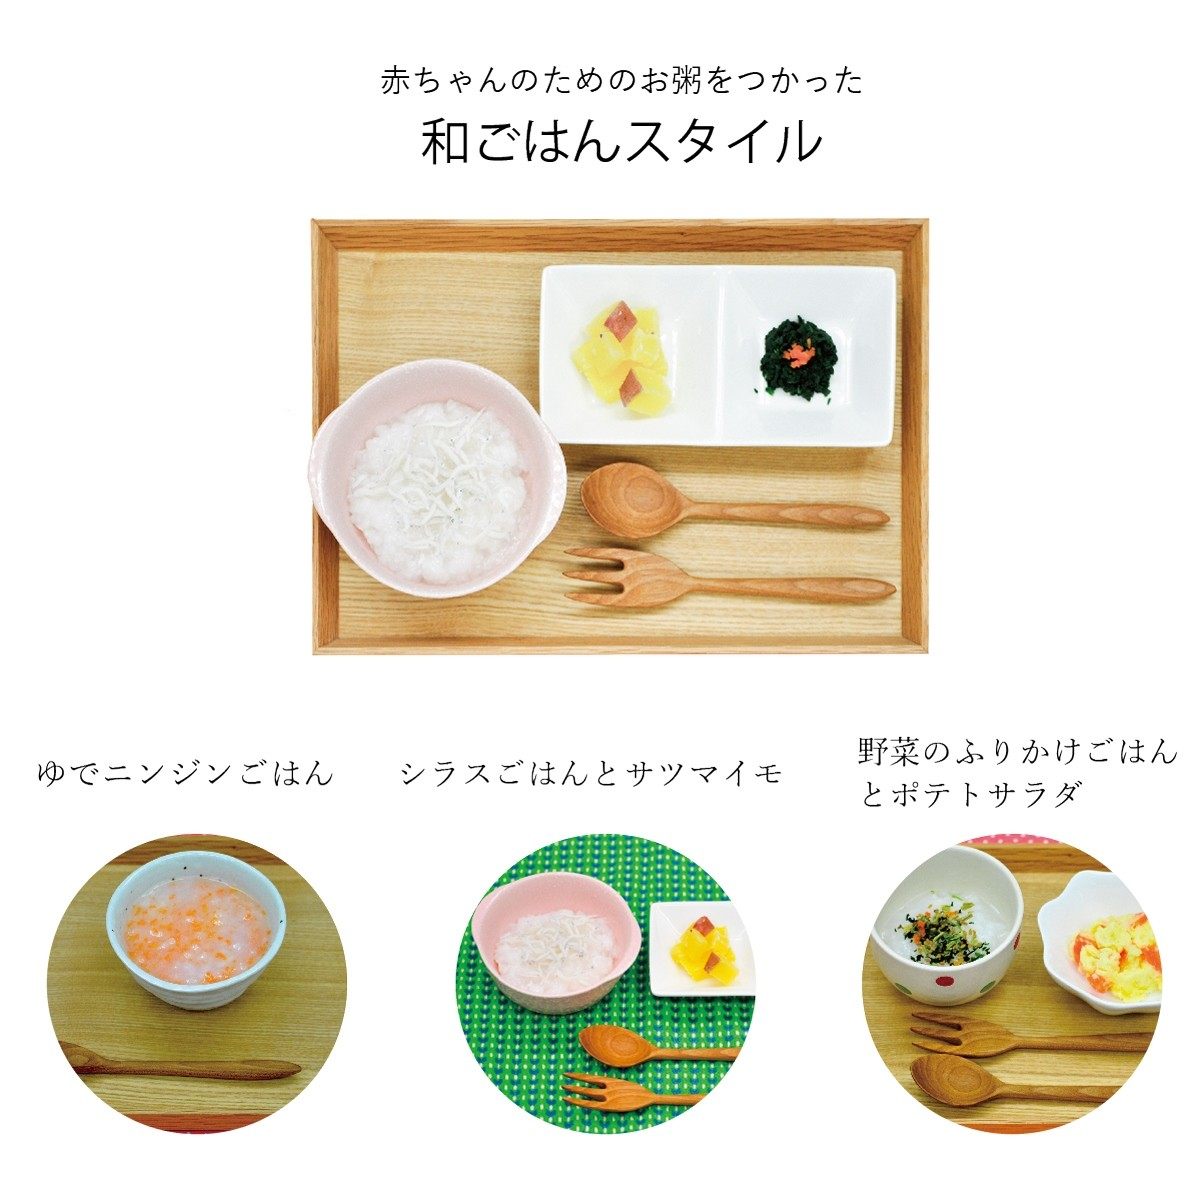 和ごはんスタイルの離乳食